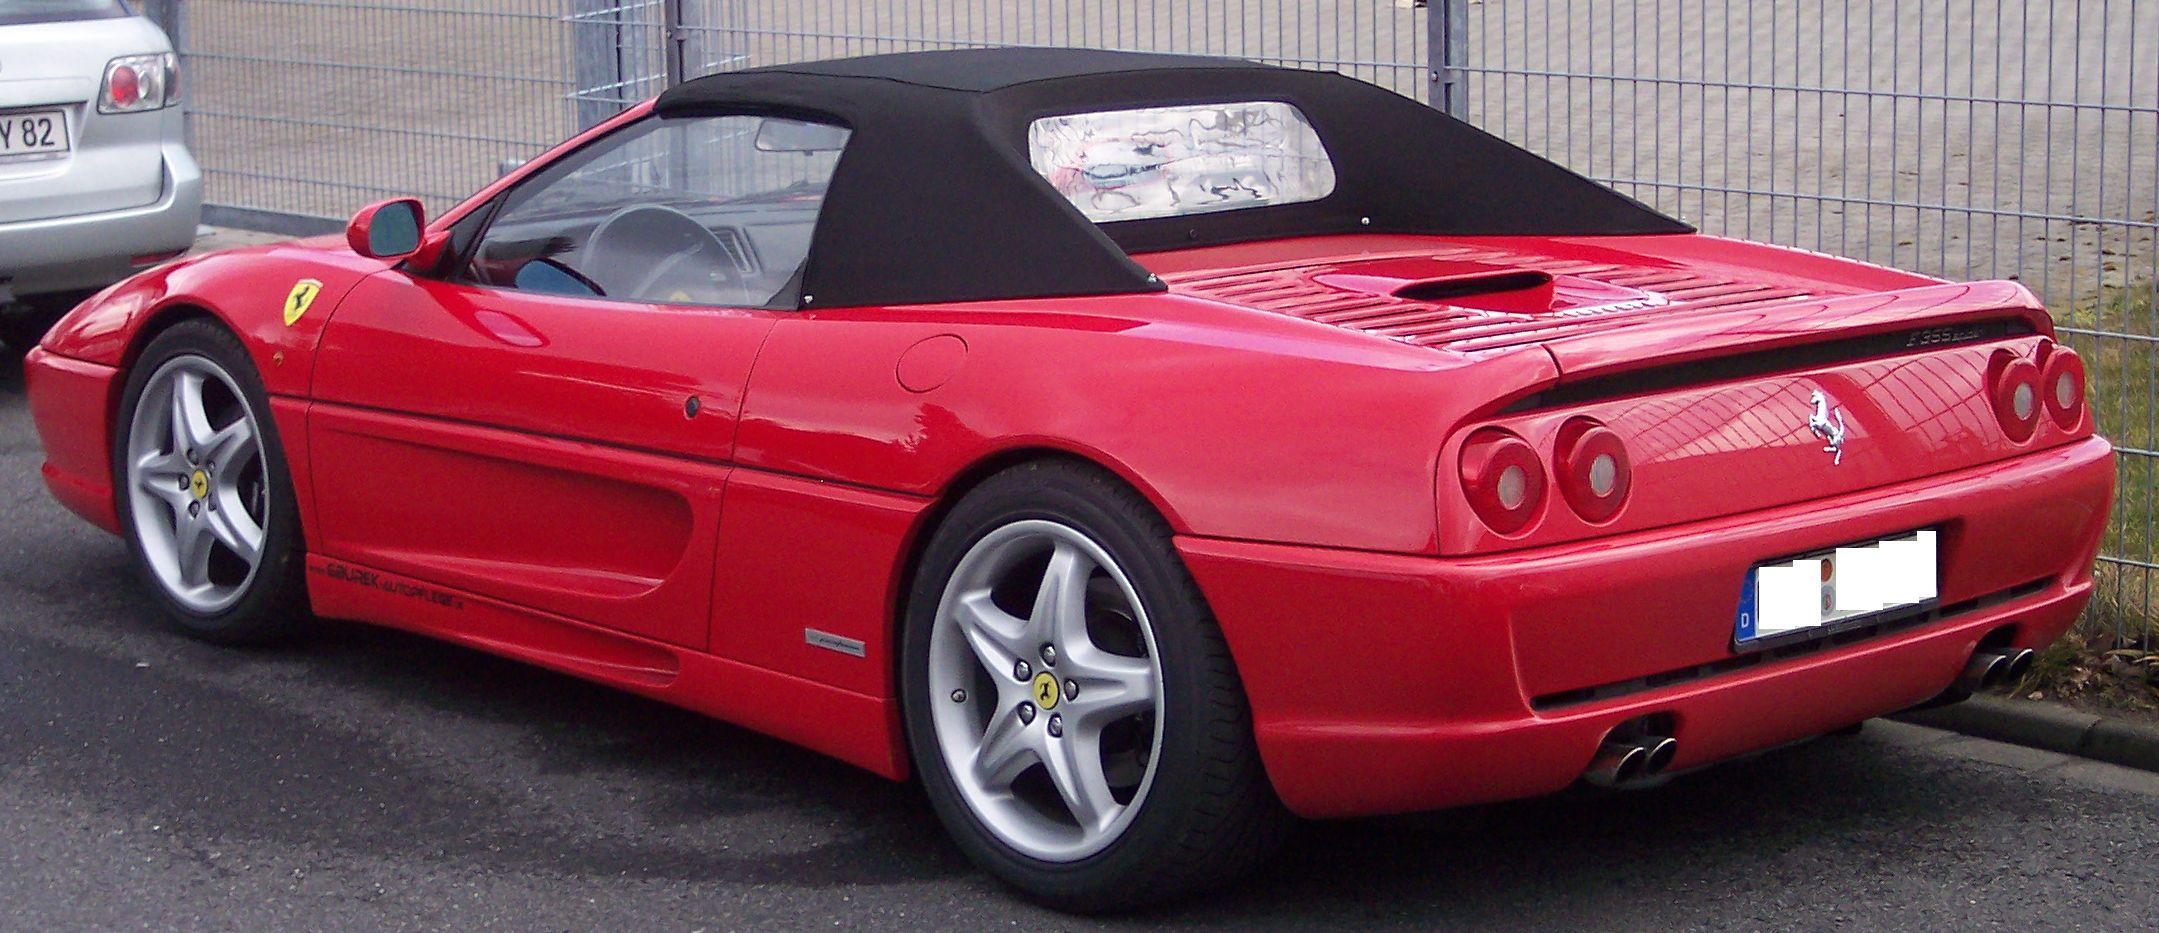 Ferrari F355 – Wikipedia